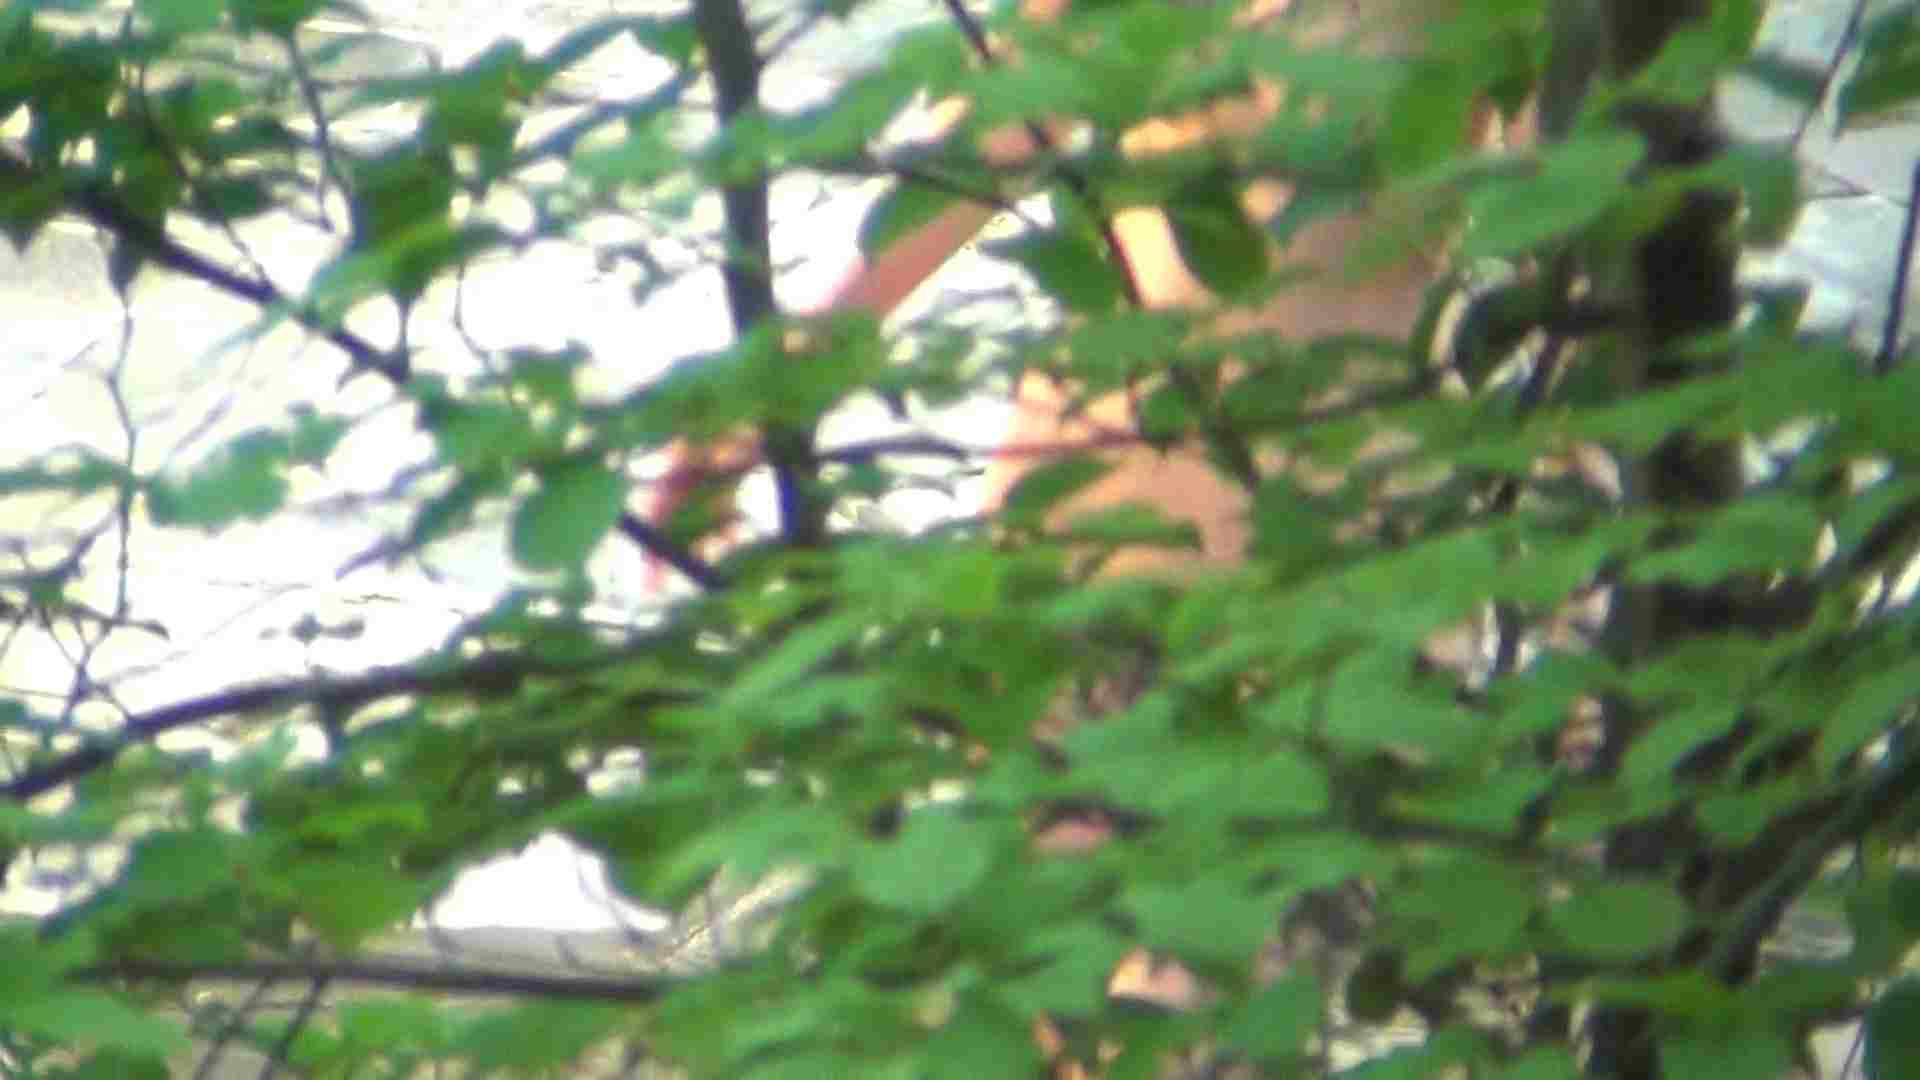 ハイビジョンVol.6 白い素肌にピンクのほっぺ 露天覗き   ギャル達  81枚 61